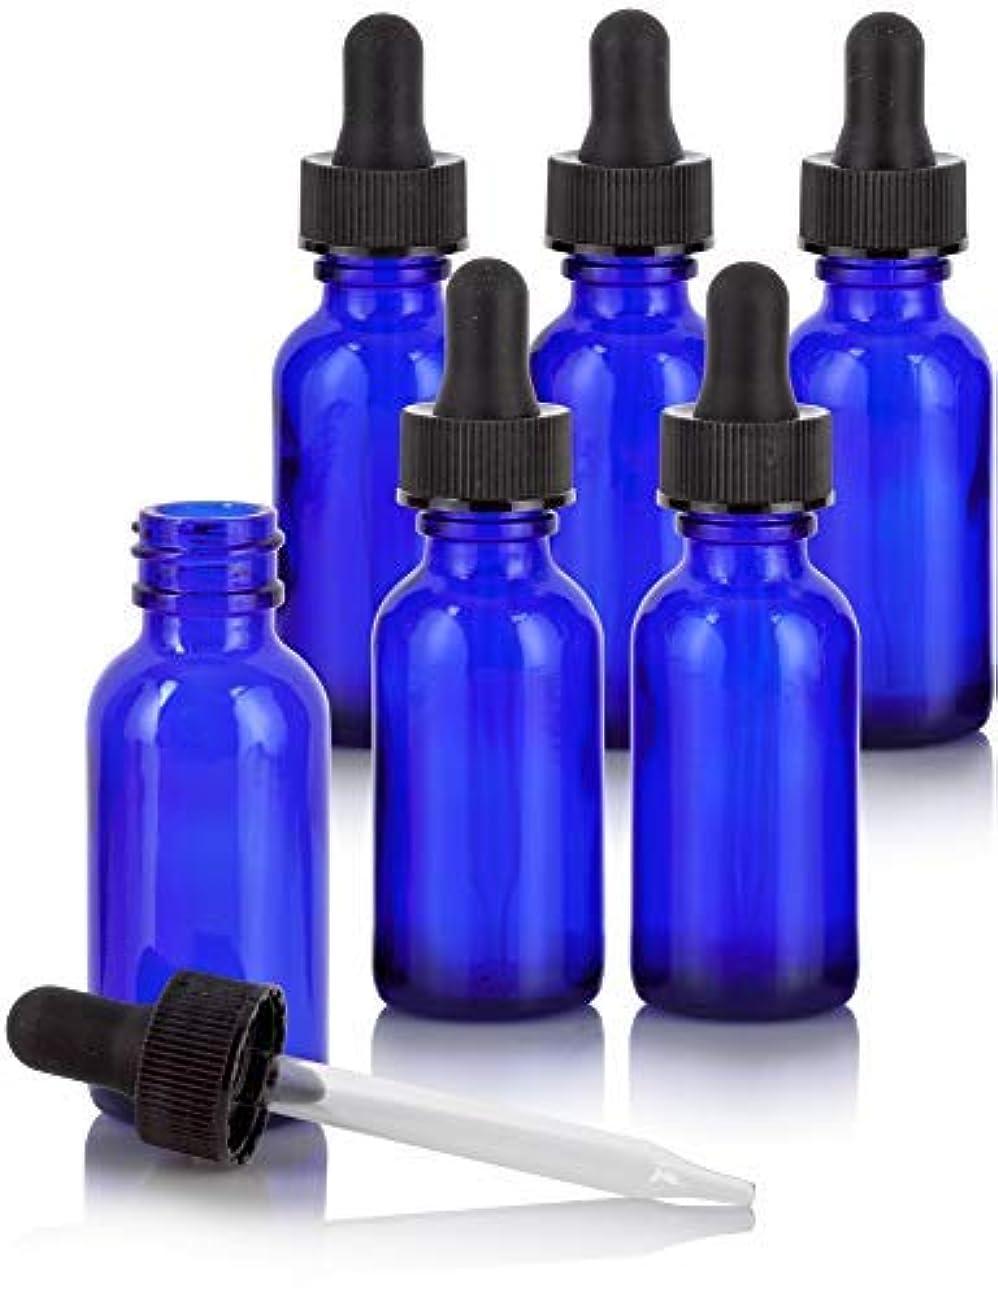 宿泊内側知覚的1 oz Cobalt Blue Glass Boston Round Dropper Bottle (6 Pack) + Funnel and Labels for Essential Oils, Aromatherapy...